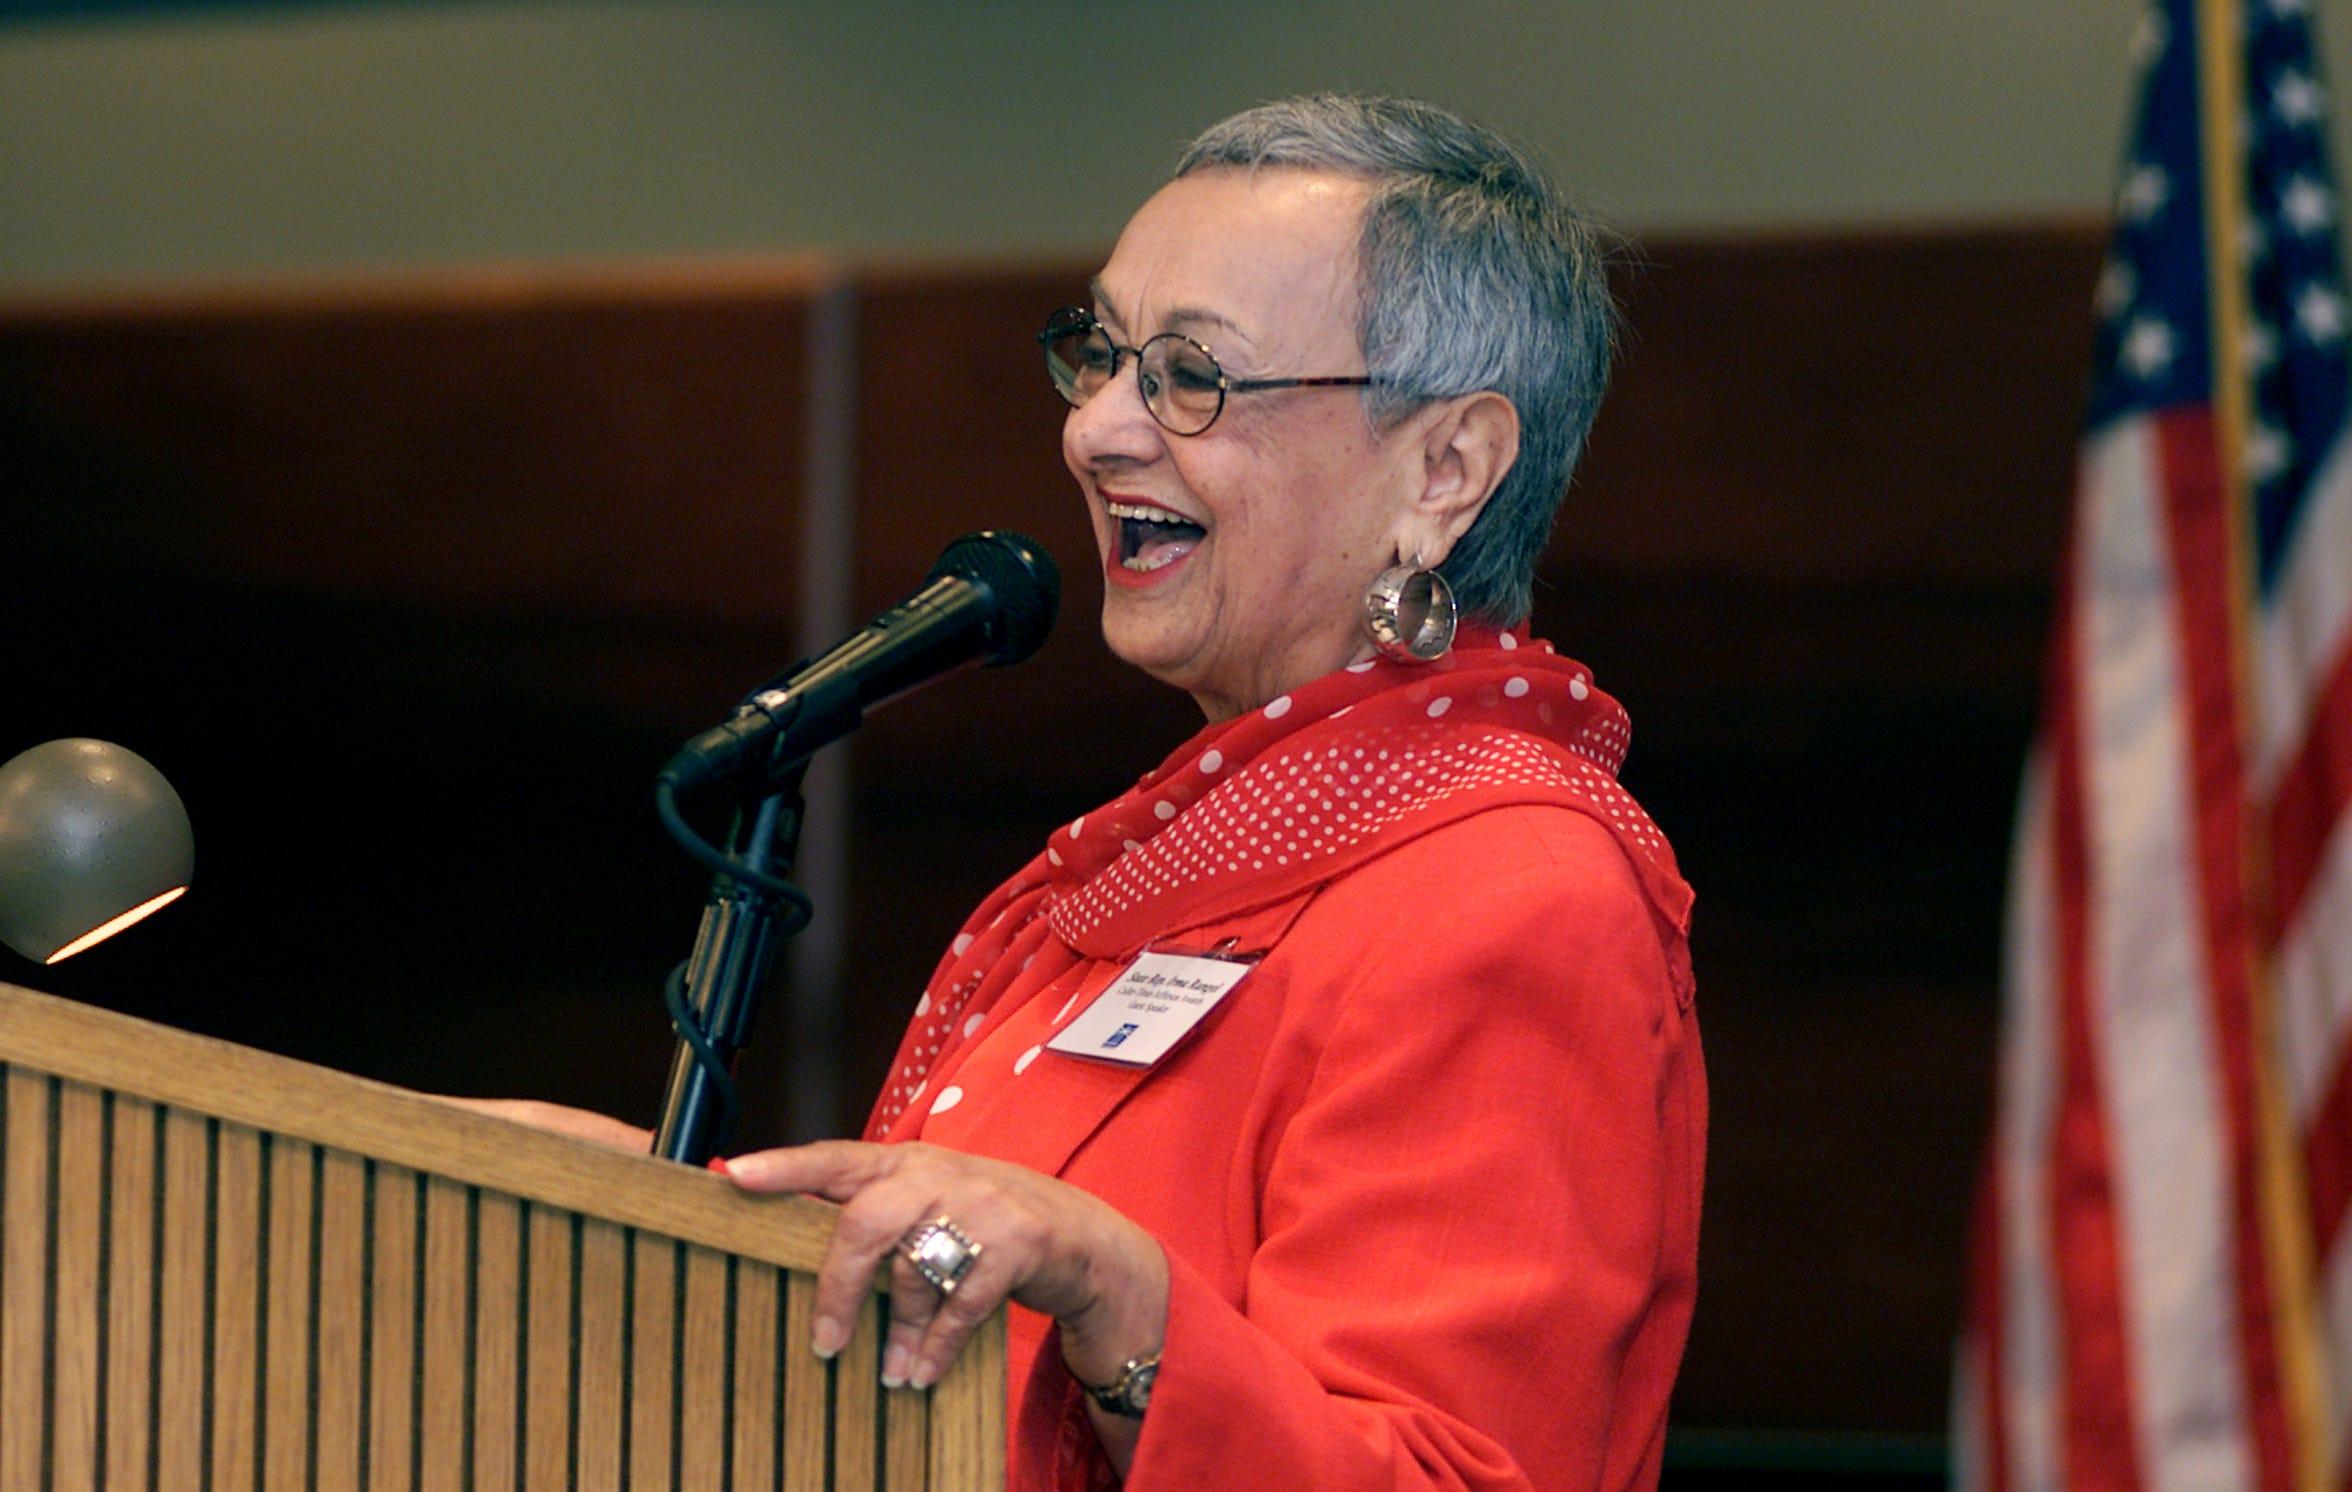 State representative Irma Rangel speaks at the Jefferson Volunteer Awards ceremony at the Solomon Ortiz Center in April 2002.